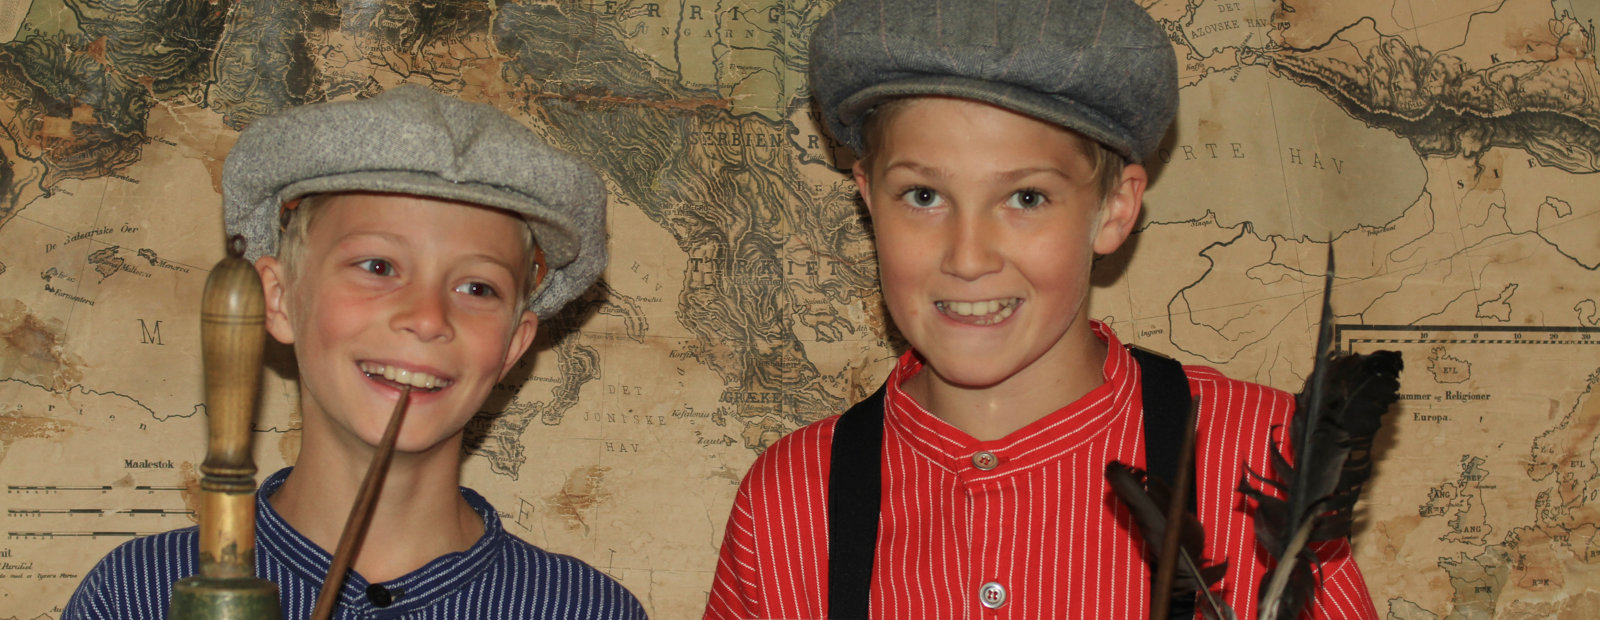 Gutter i skolestua på Maihaugen, Lillehammer.